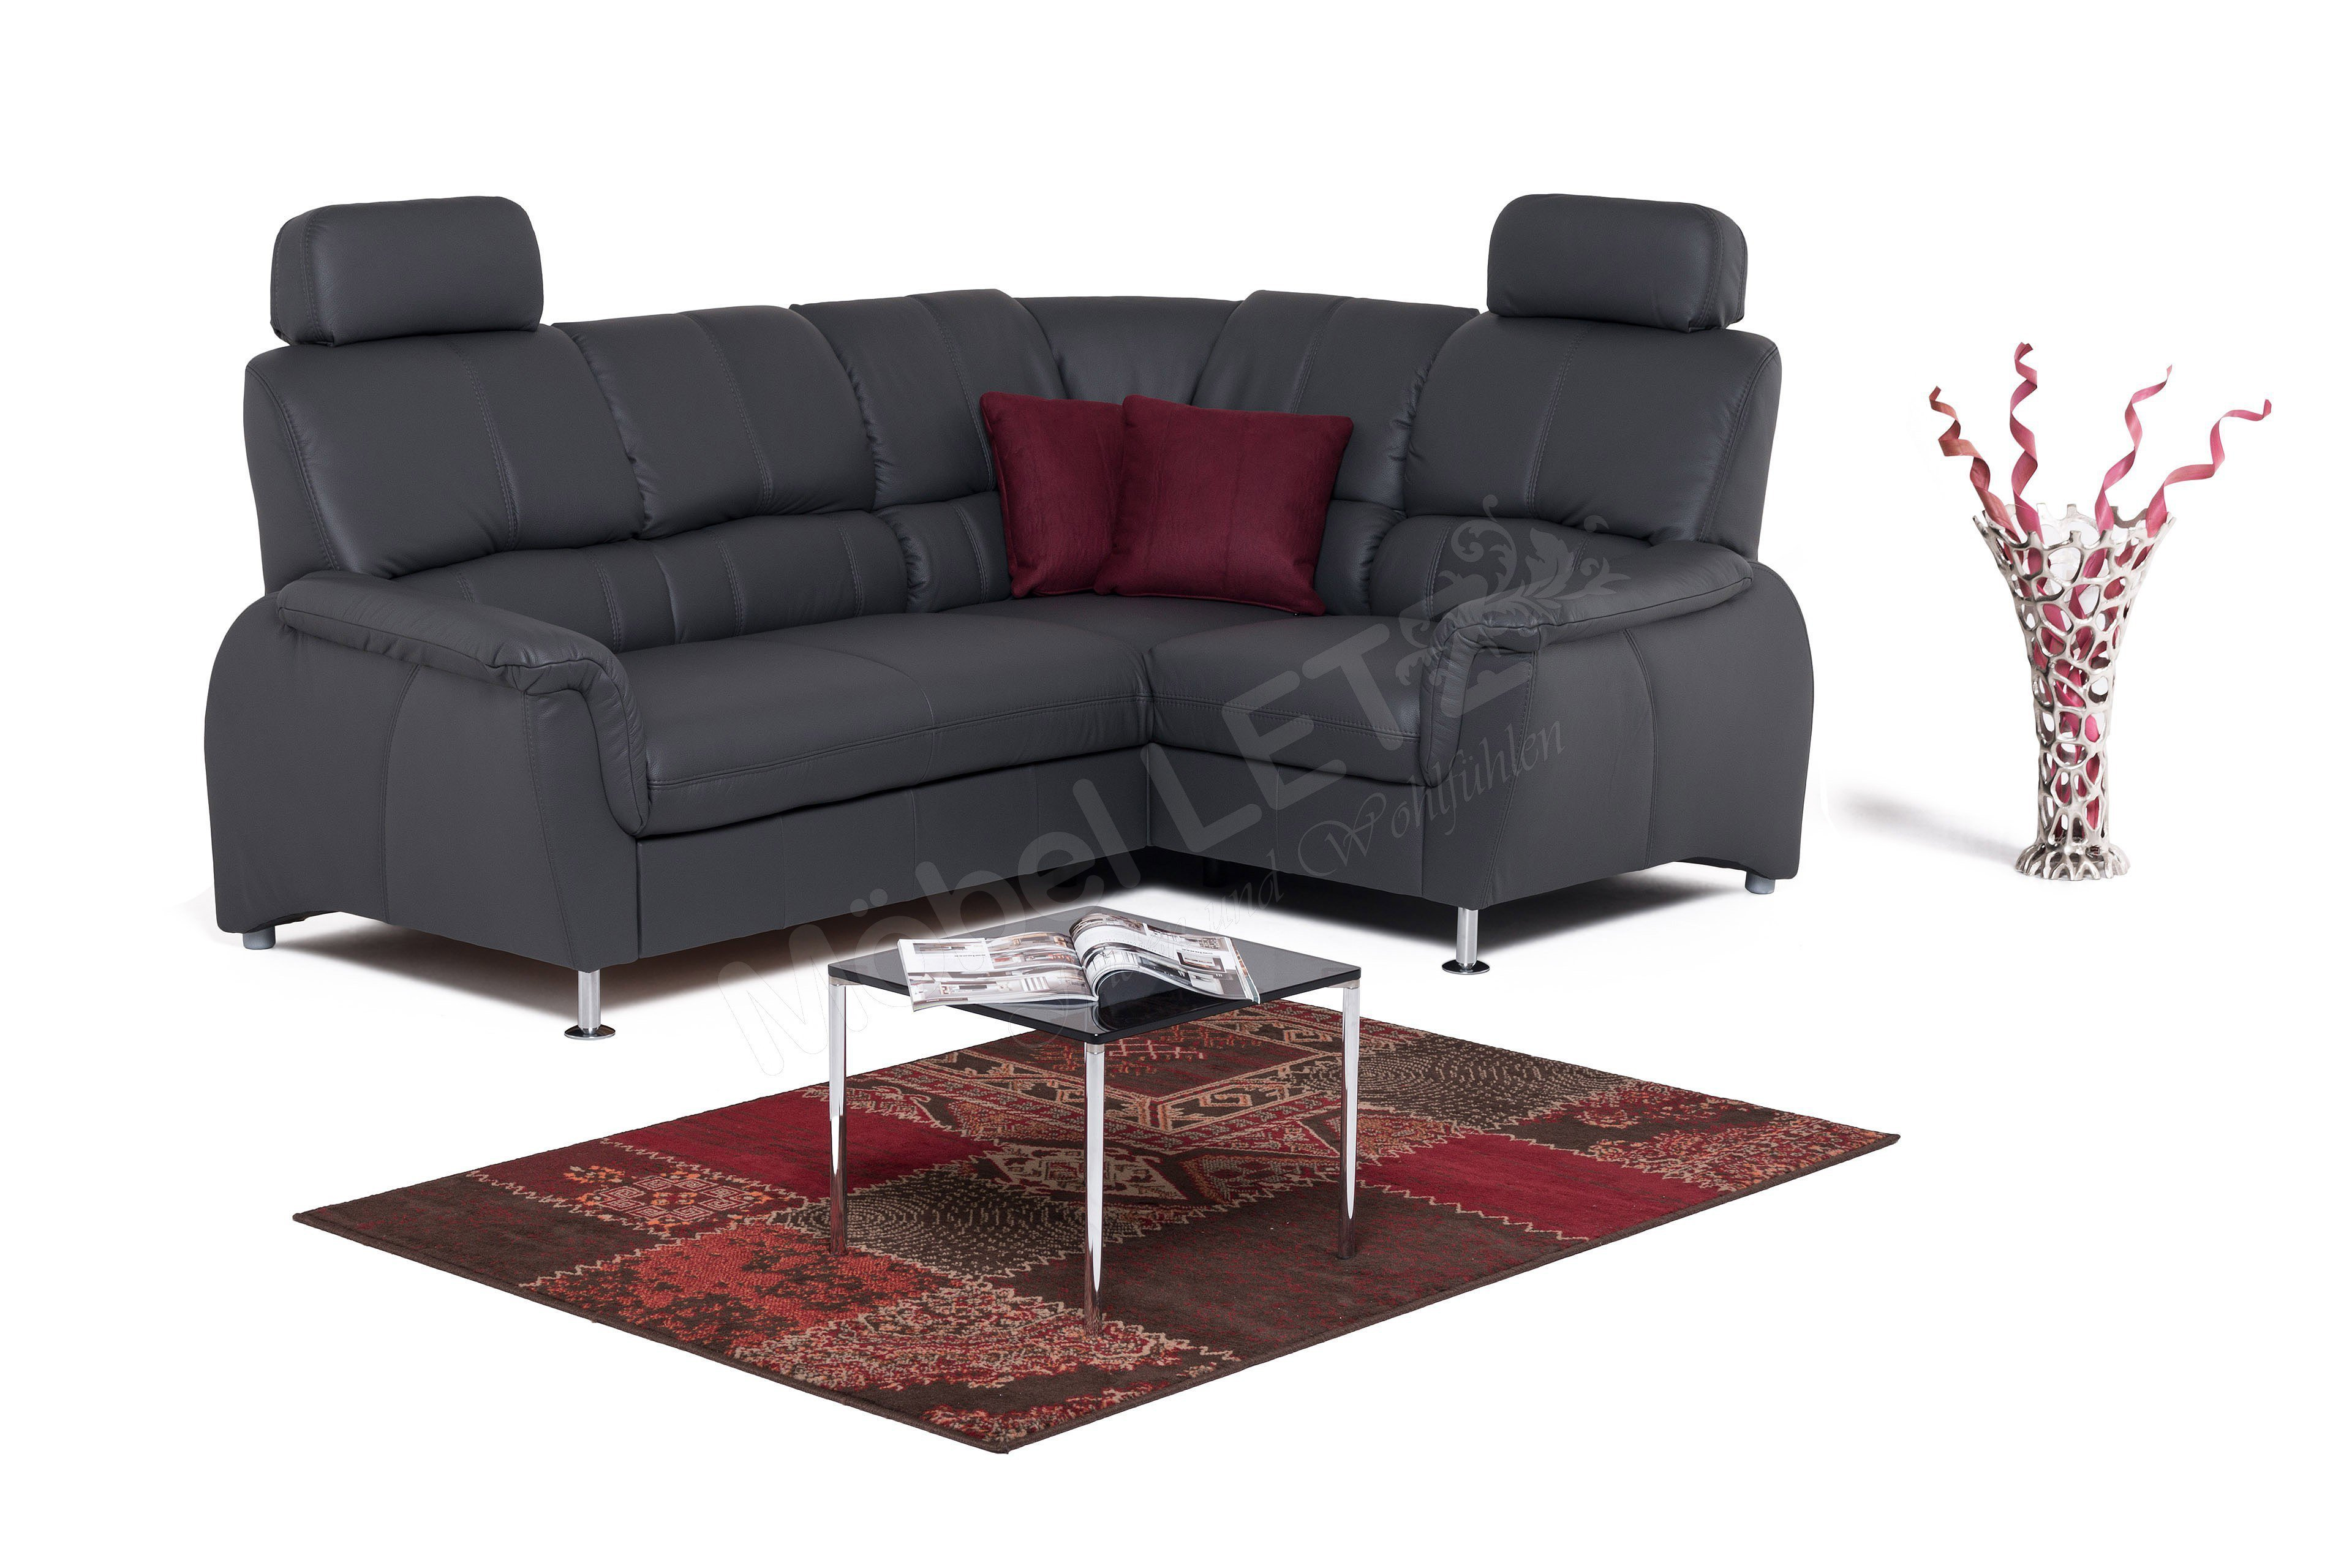 wohnlandschaft geschwungen. Black Bedroom Furniture Sets. Home Design Ideas